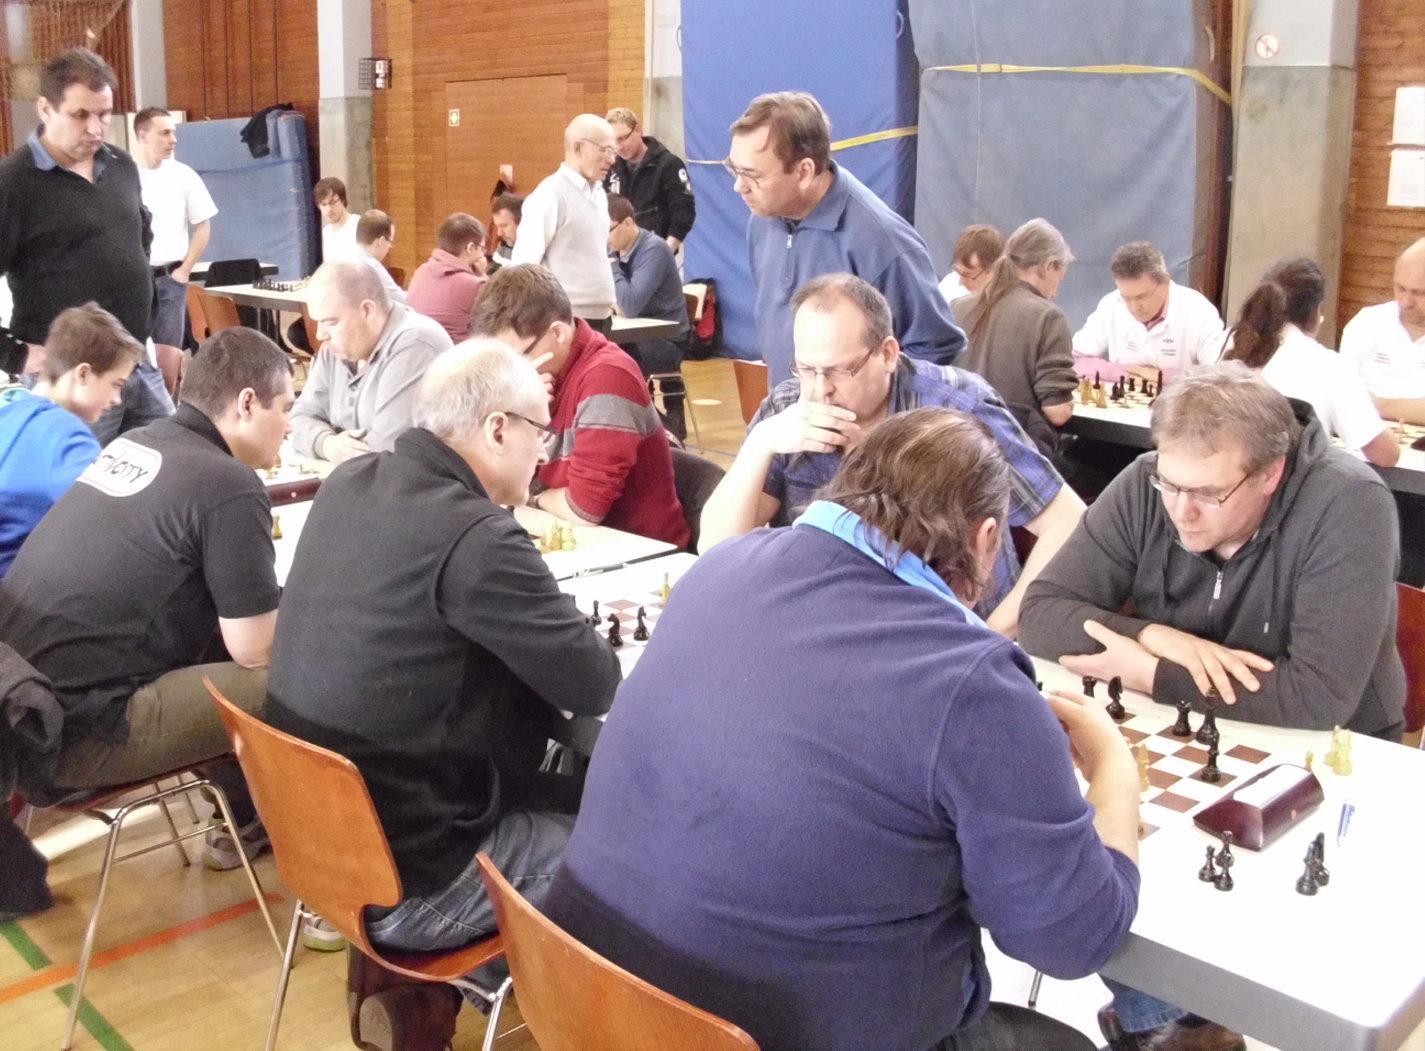 WMBM2015-TG Biberach-Erdmannshausen